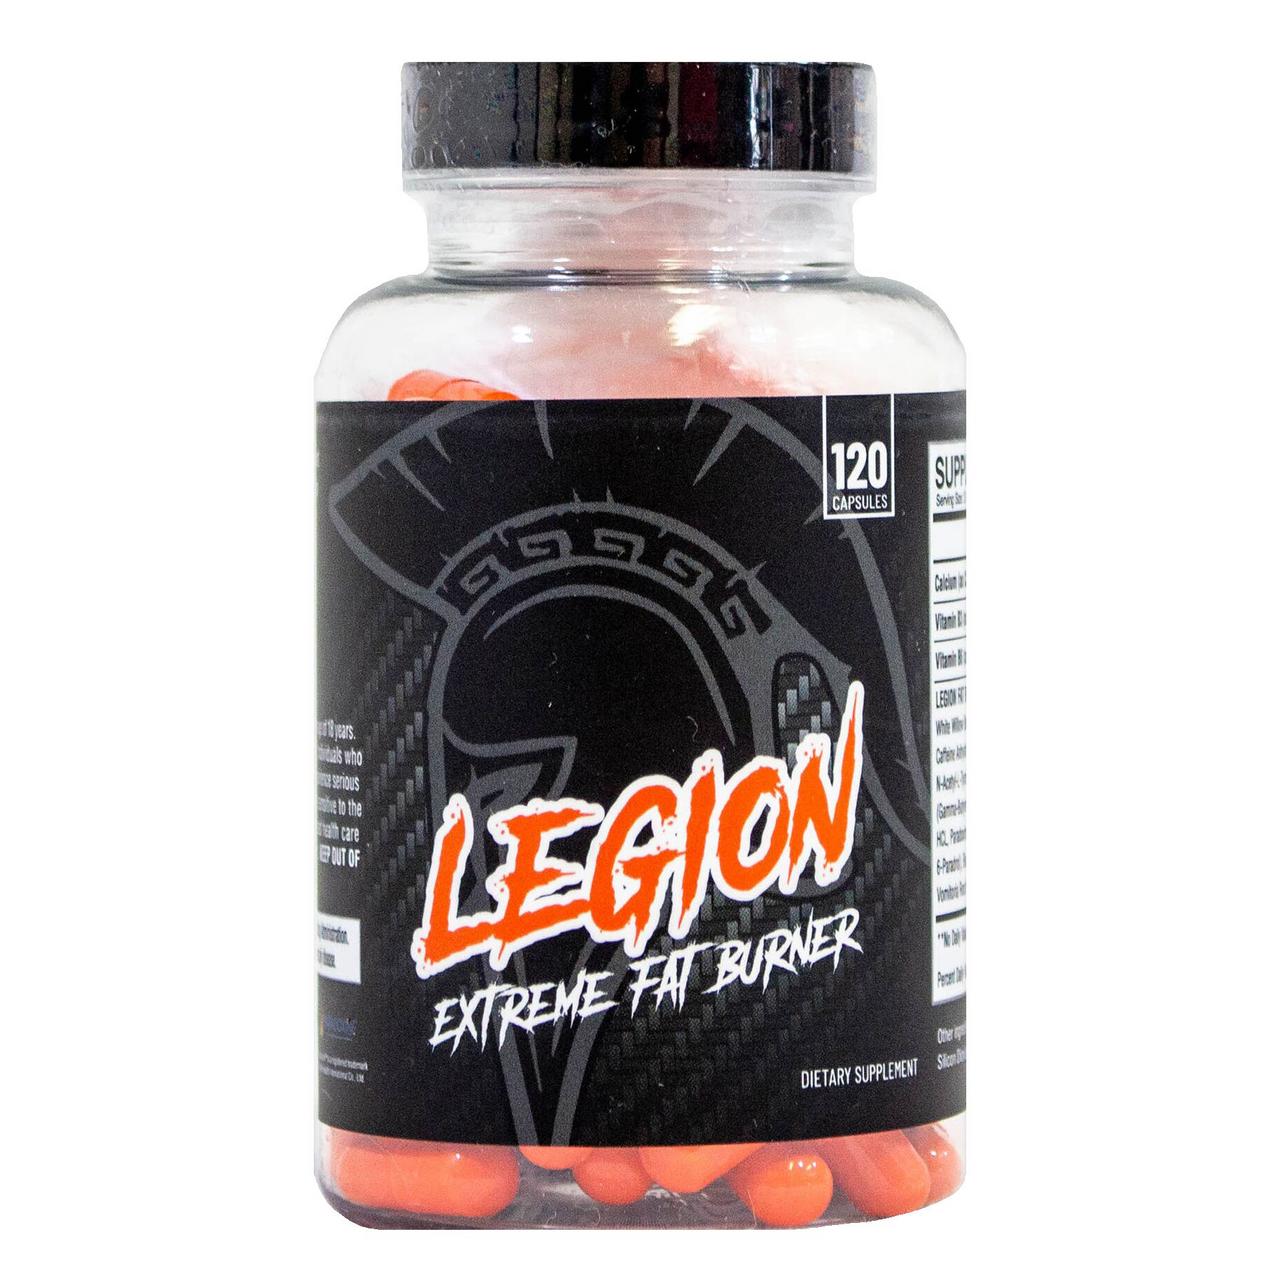 Legion Extreme Fat Burner by Centurion Labz